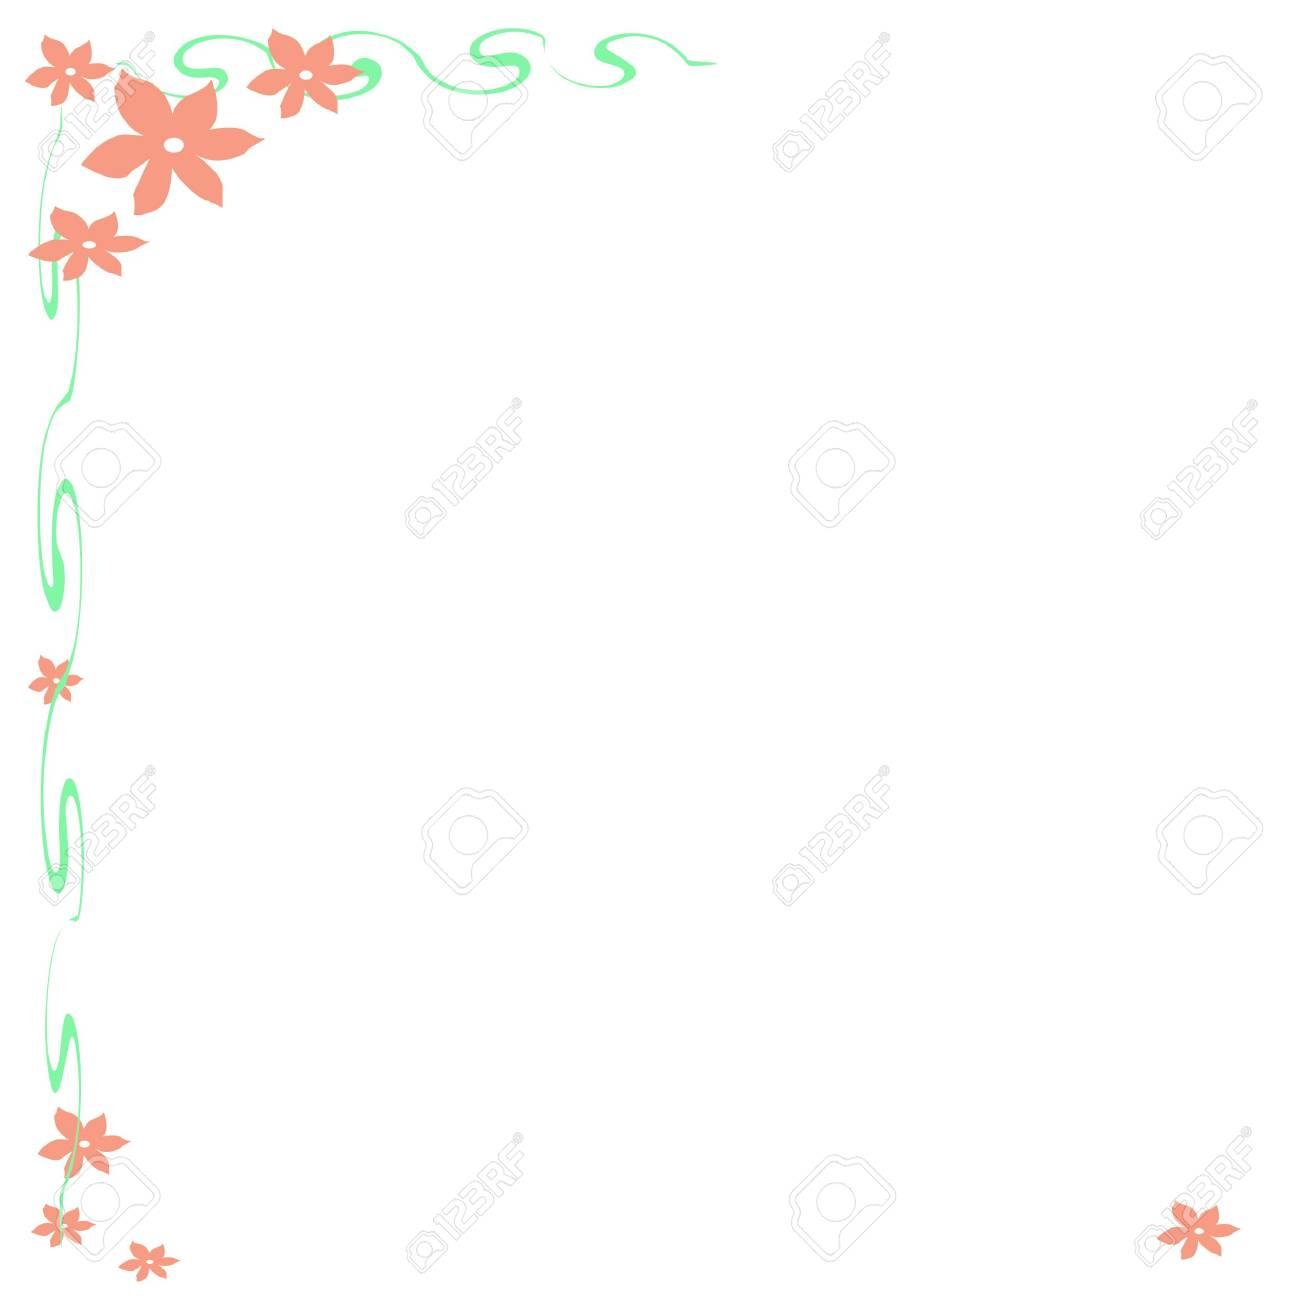 Rosa Blumen Und Reben Rahmen Mit Weißem Hintergrund Lizenzfreie ...